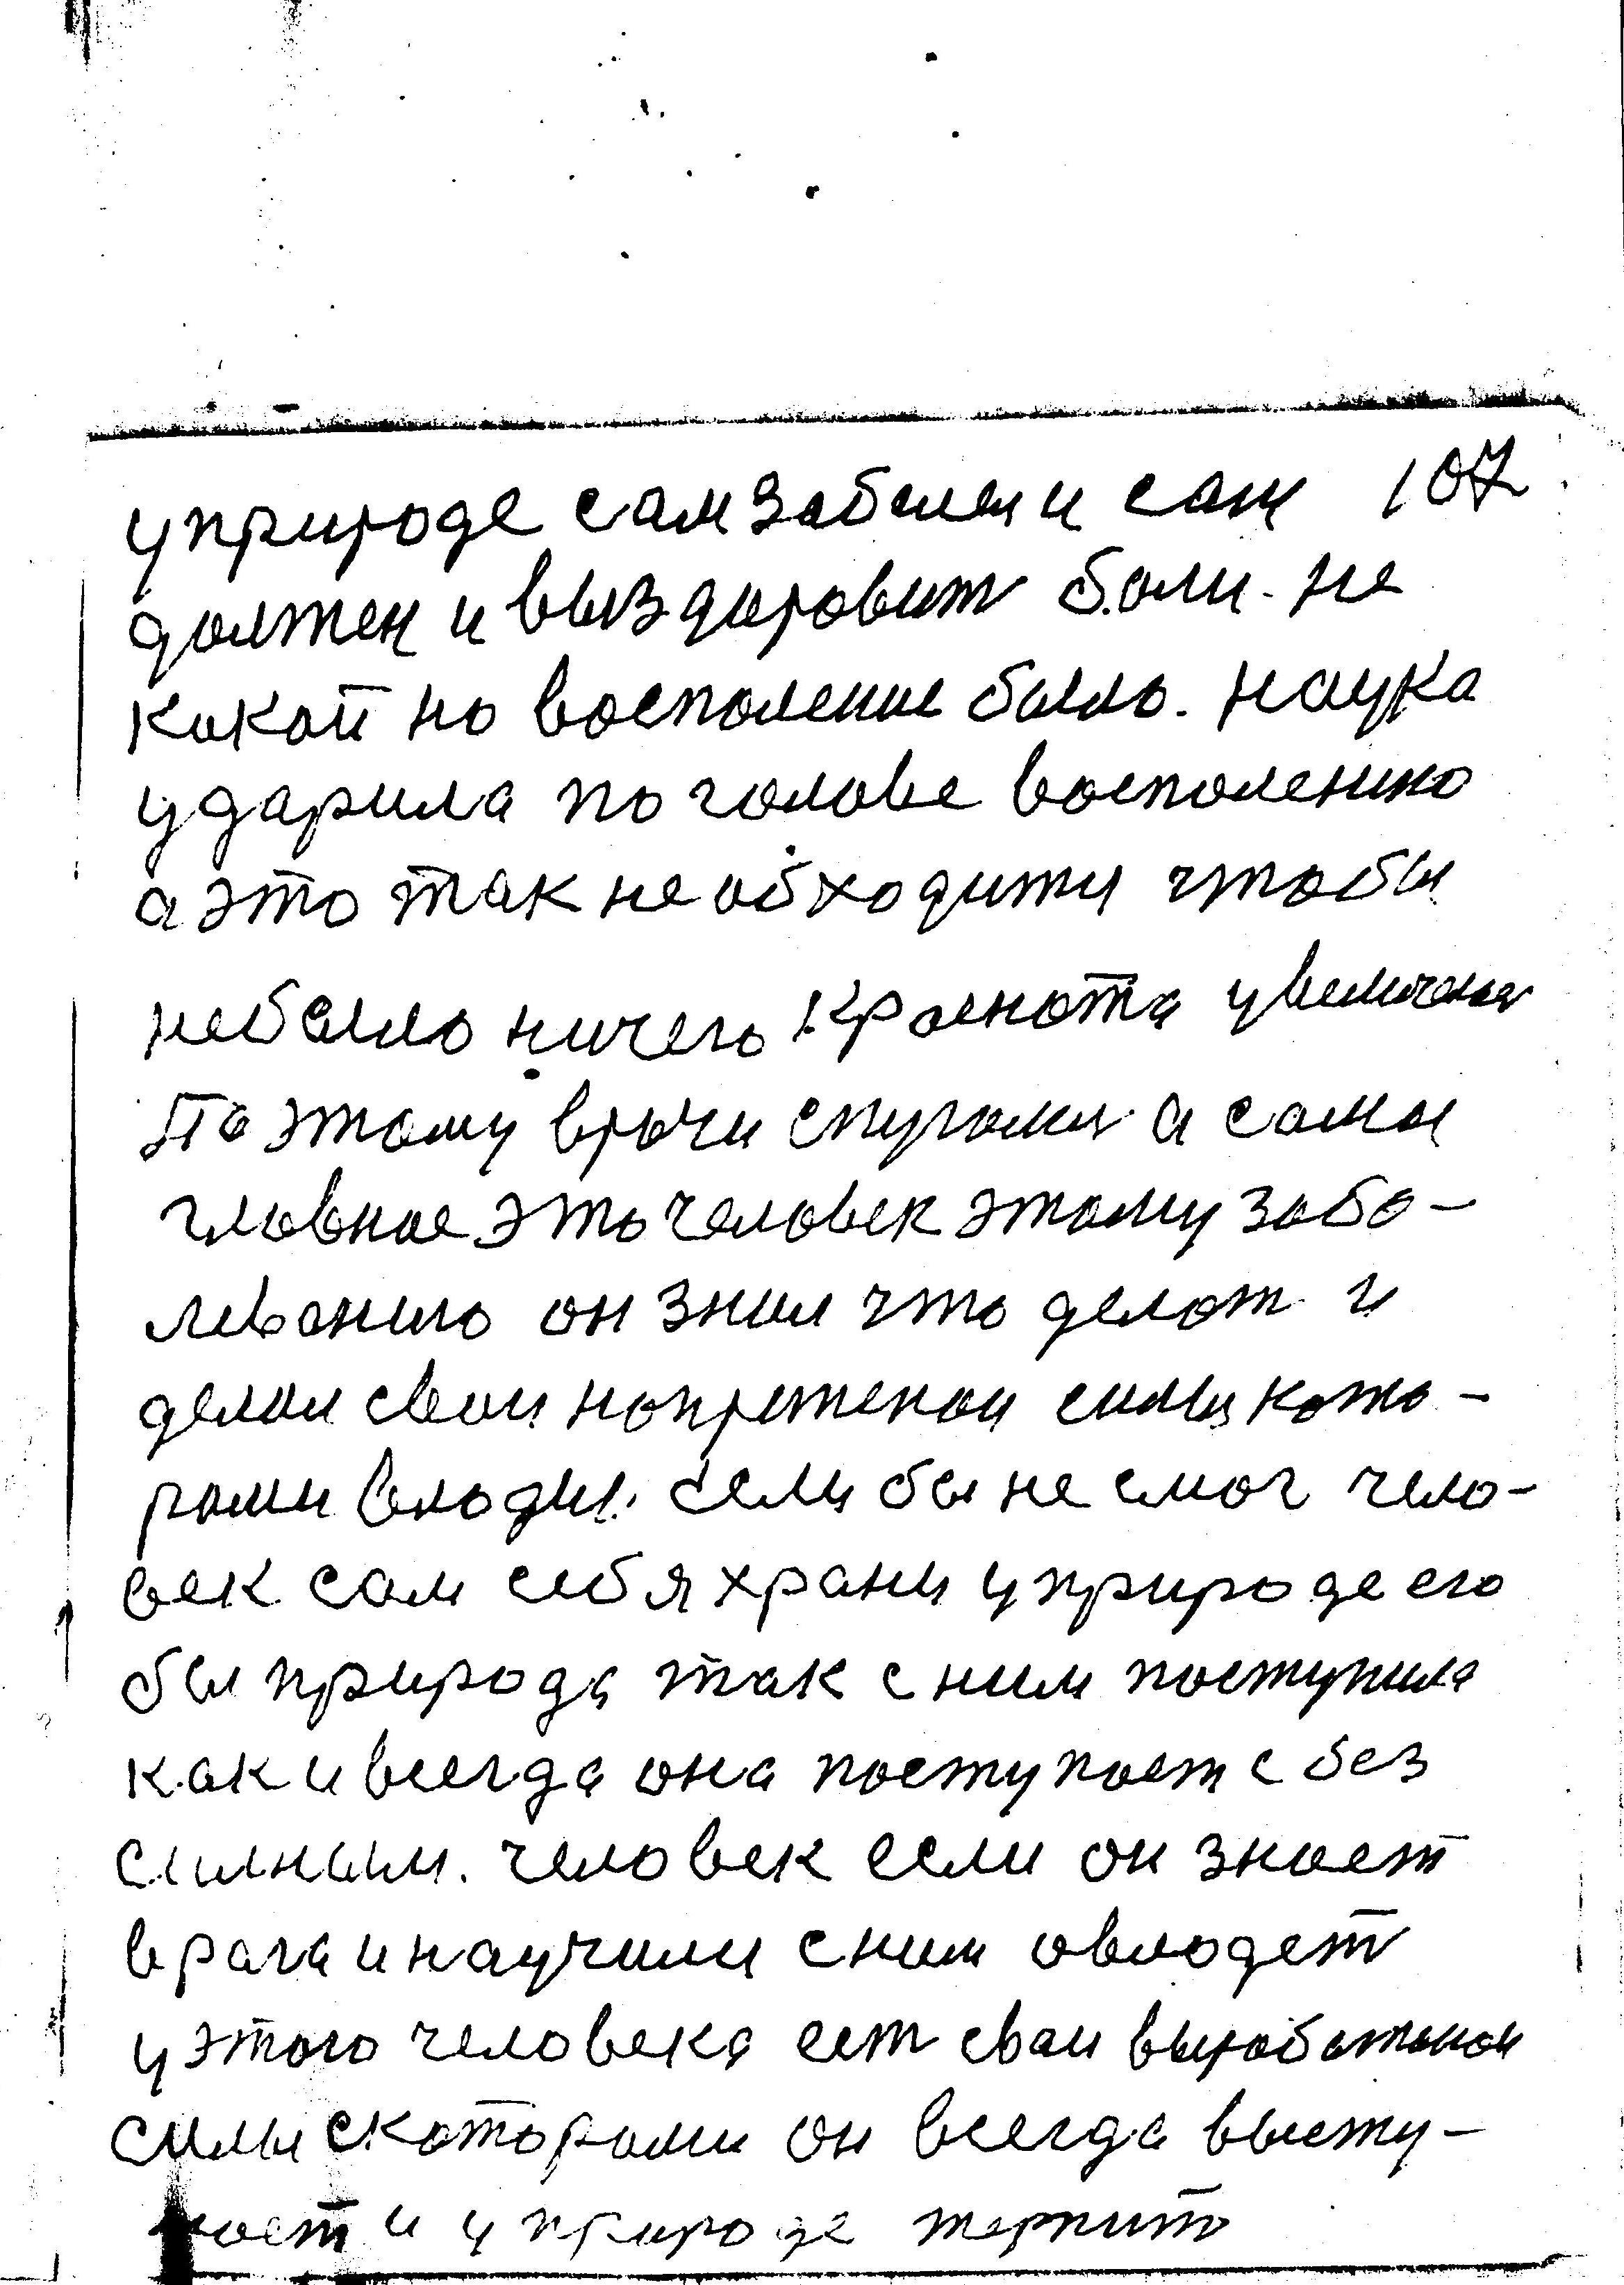 87-107.jpg